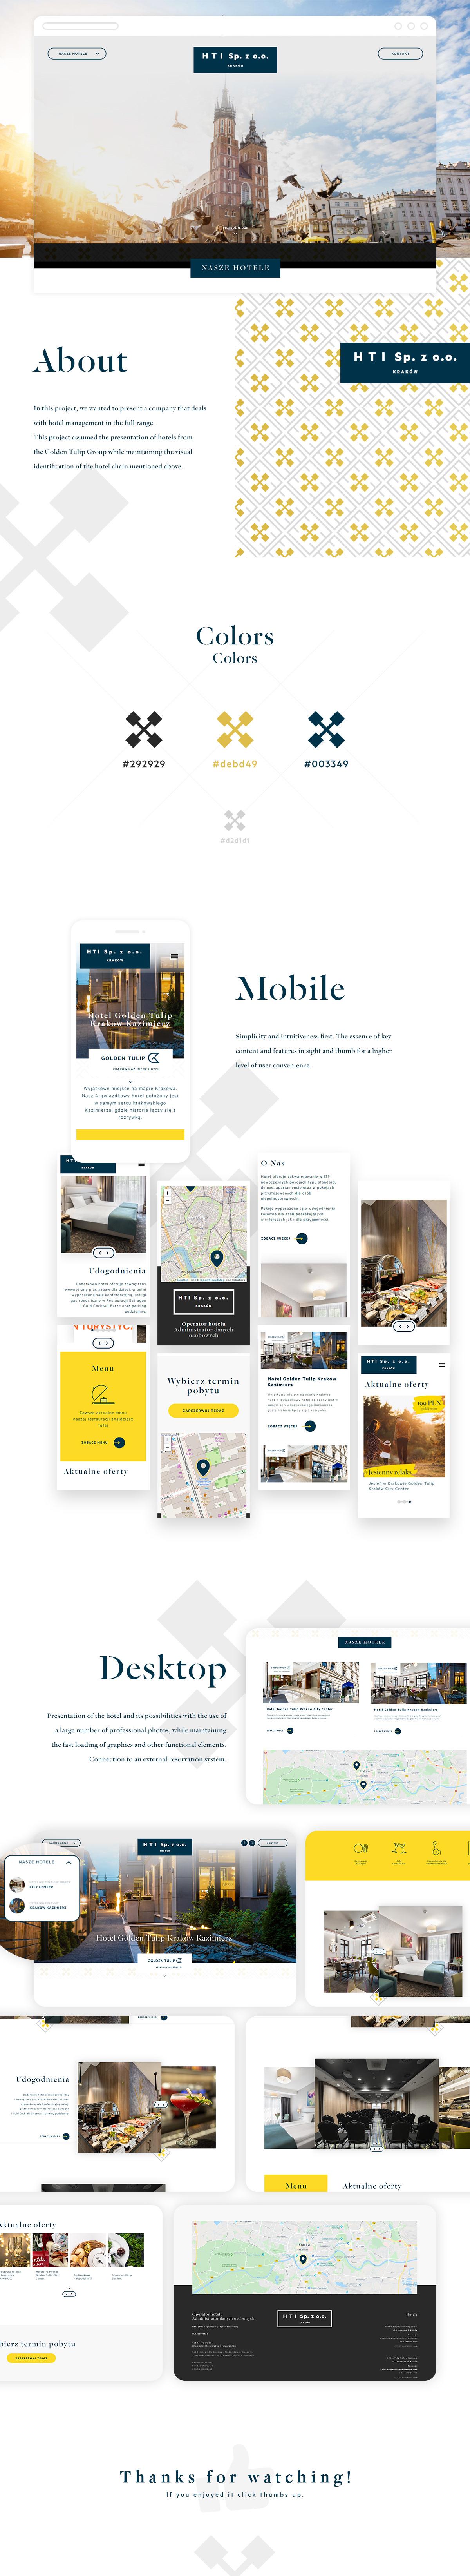 gold hotel icons menu restaurants rooms desktop hotels mobile